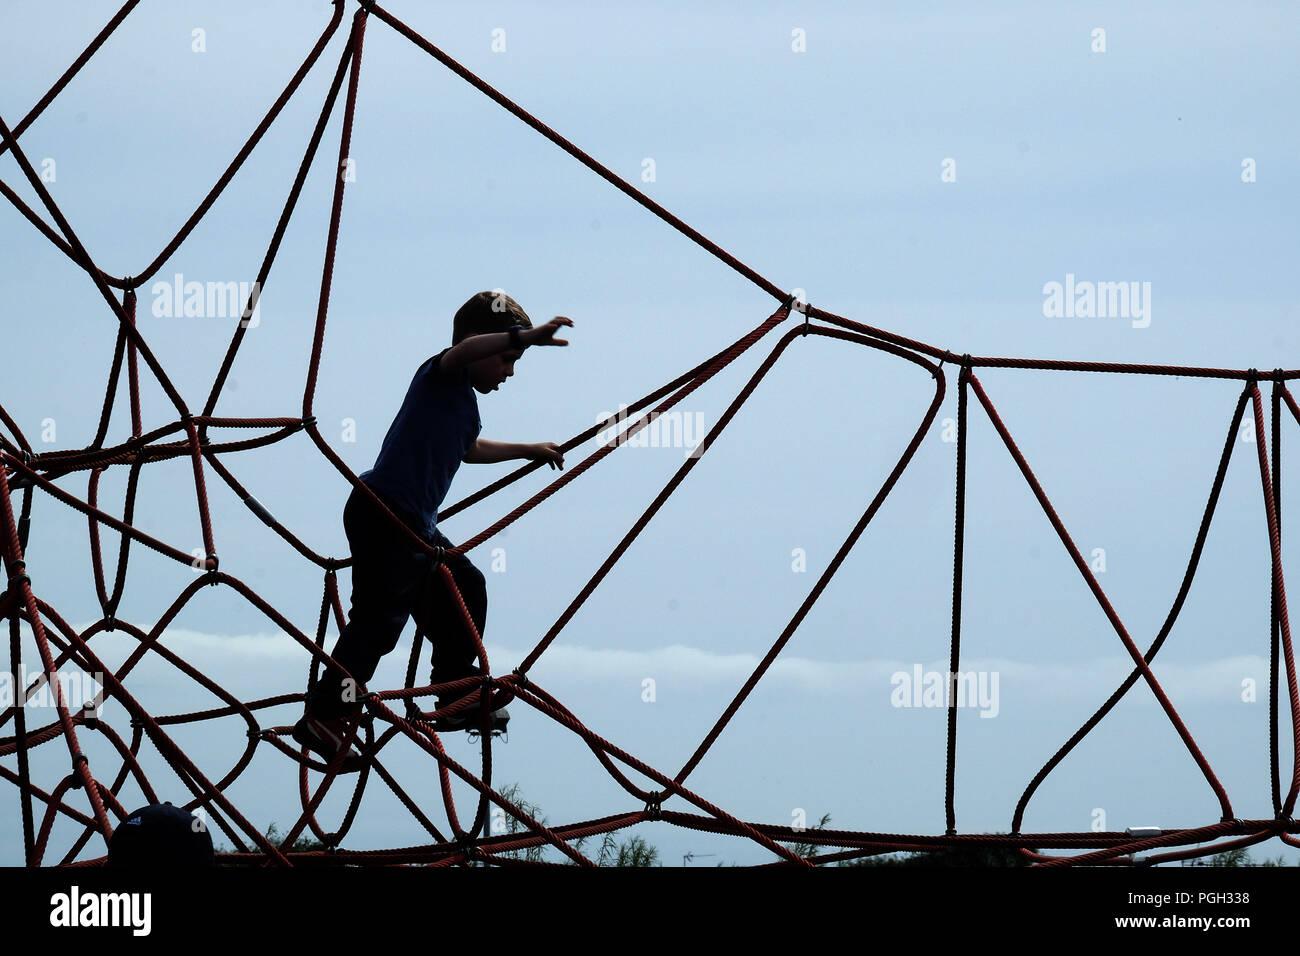 Klettergerüst Mit Seilen : Silhouette der junge auf seil hohe klettergerüst dem spielplatz